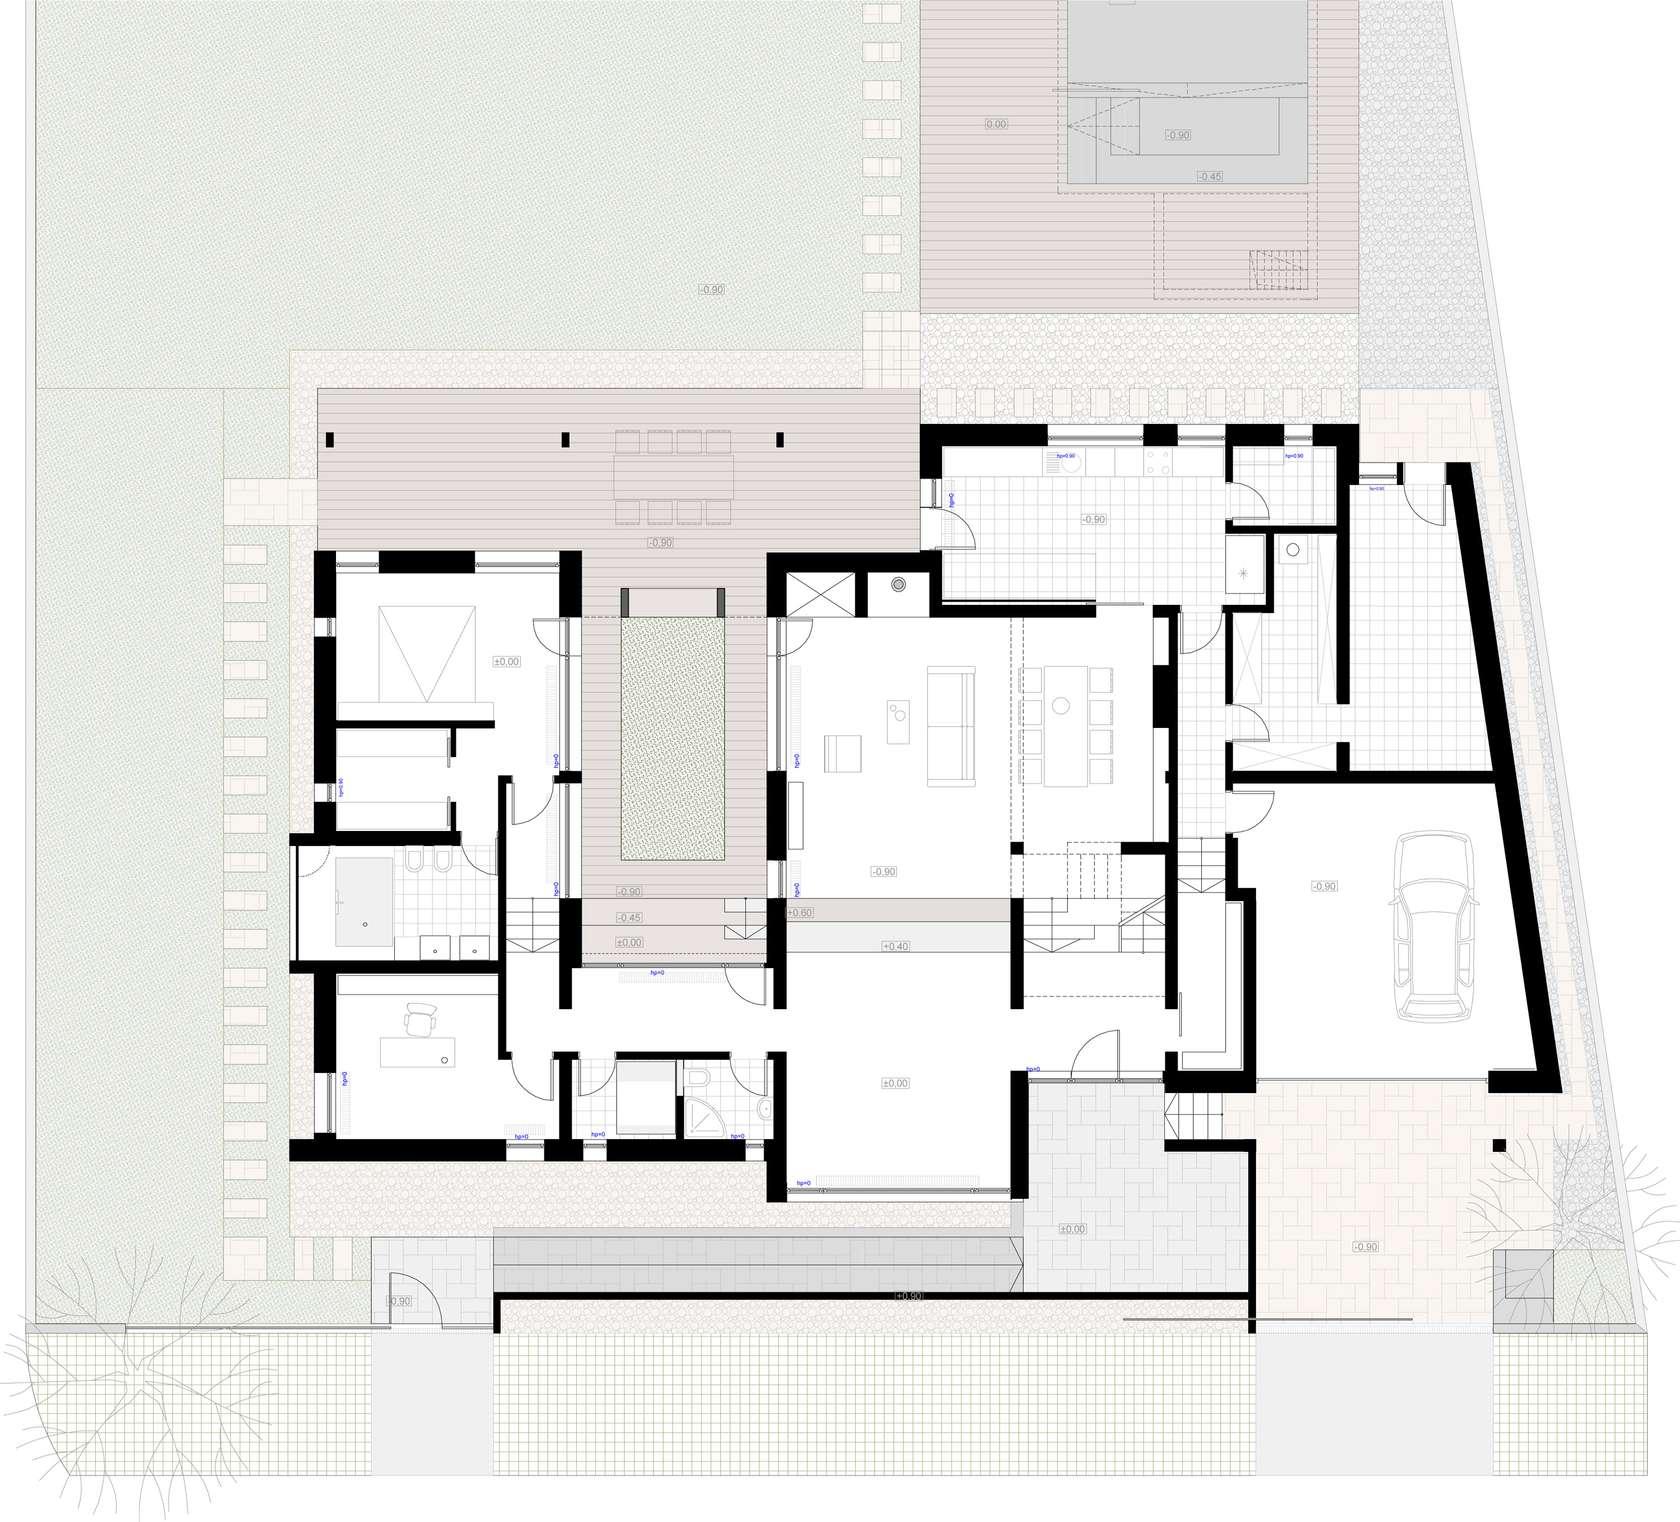 Dise o de casa moderna de dos pisos fachadas y planos - Diseno de planos de casas ...